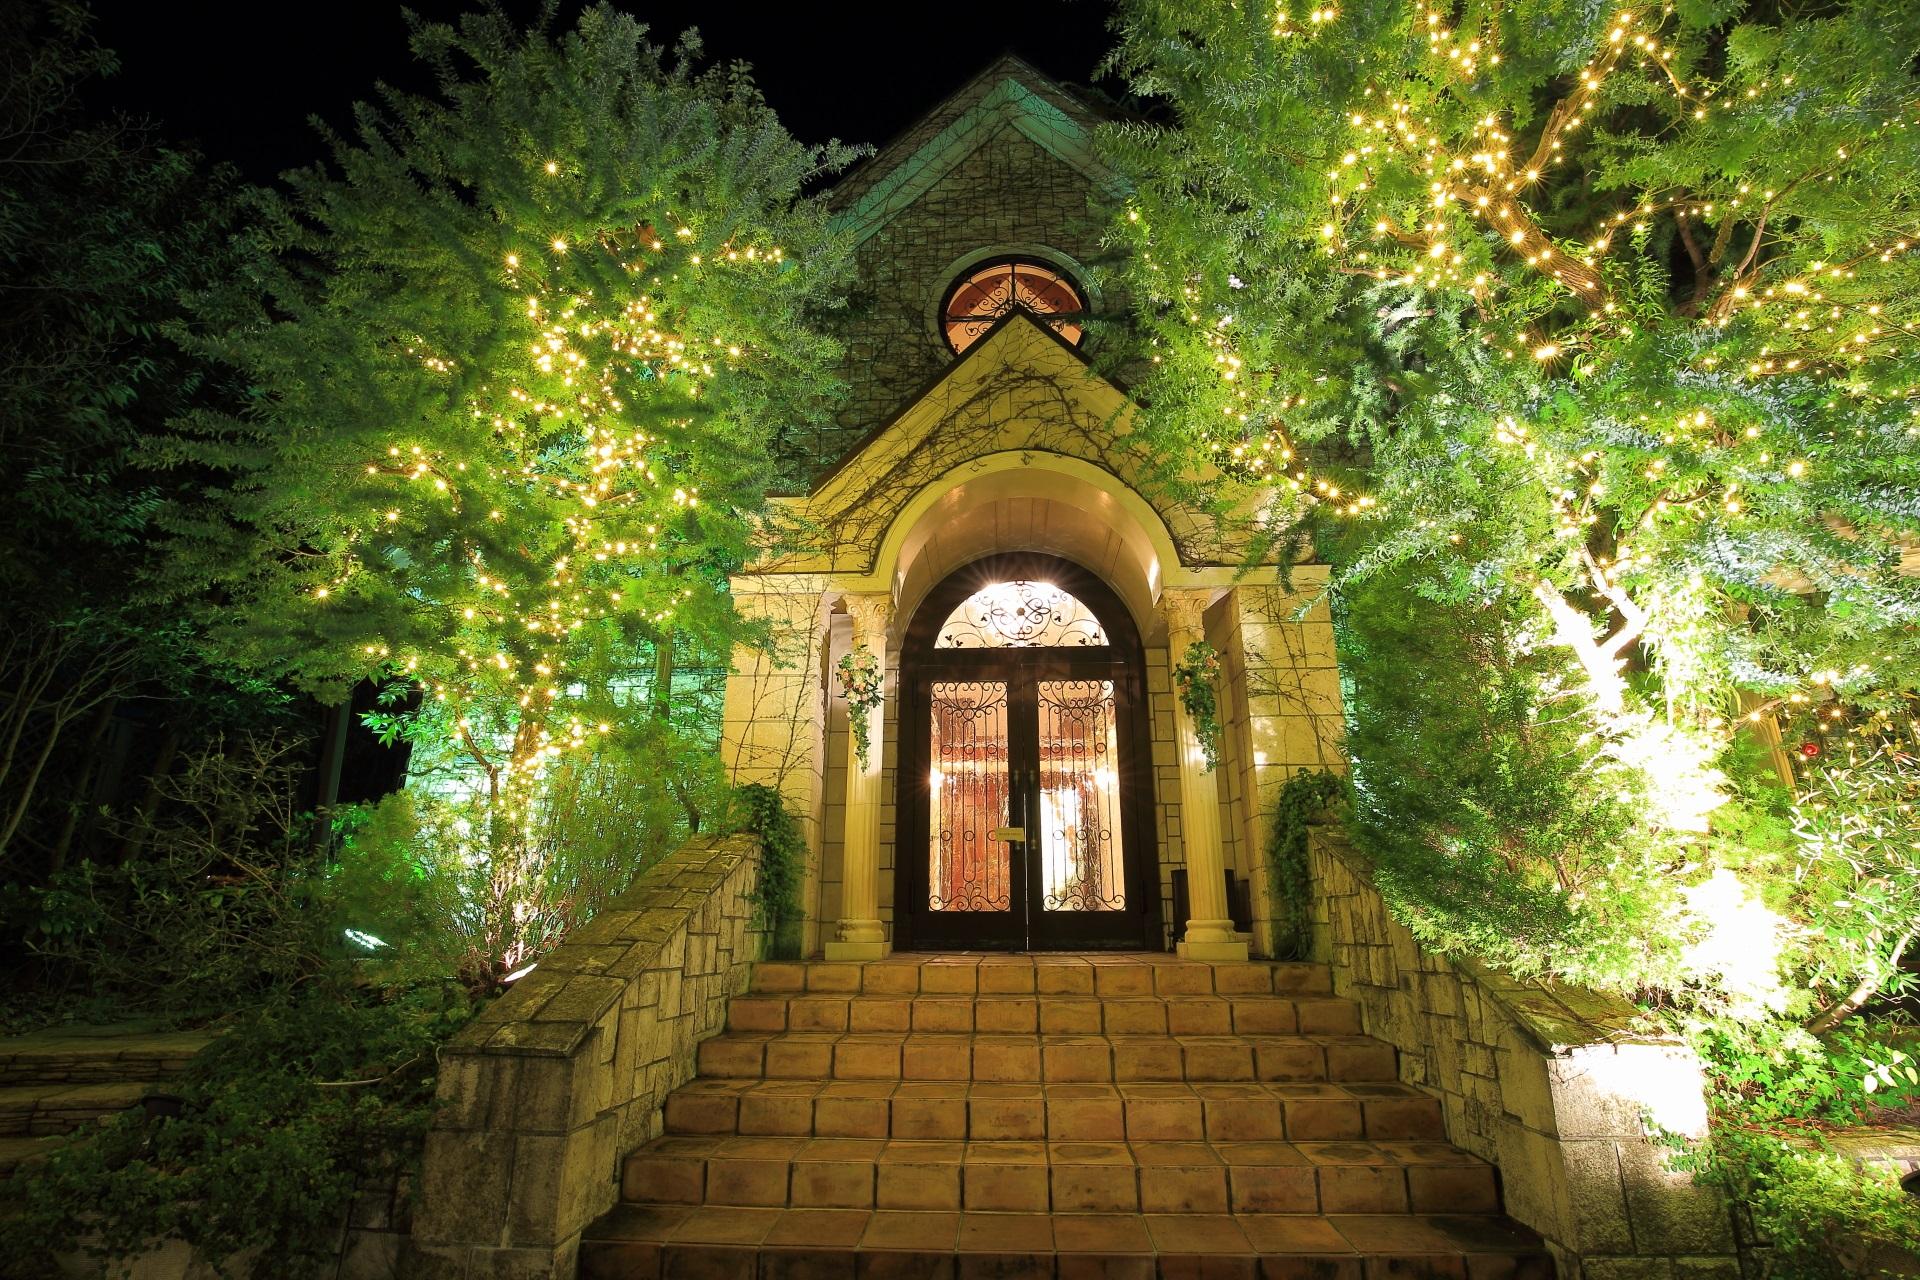 雰囲気が最高の本物の教会のイルミネーション